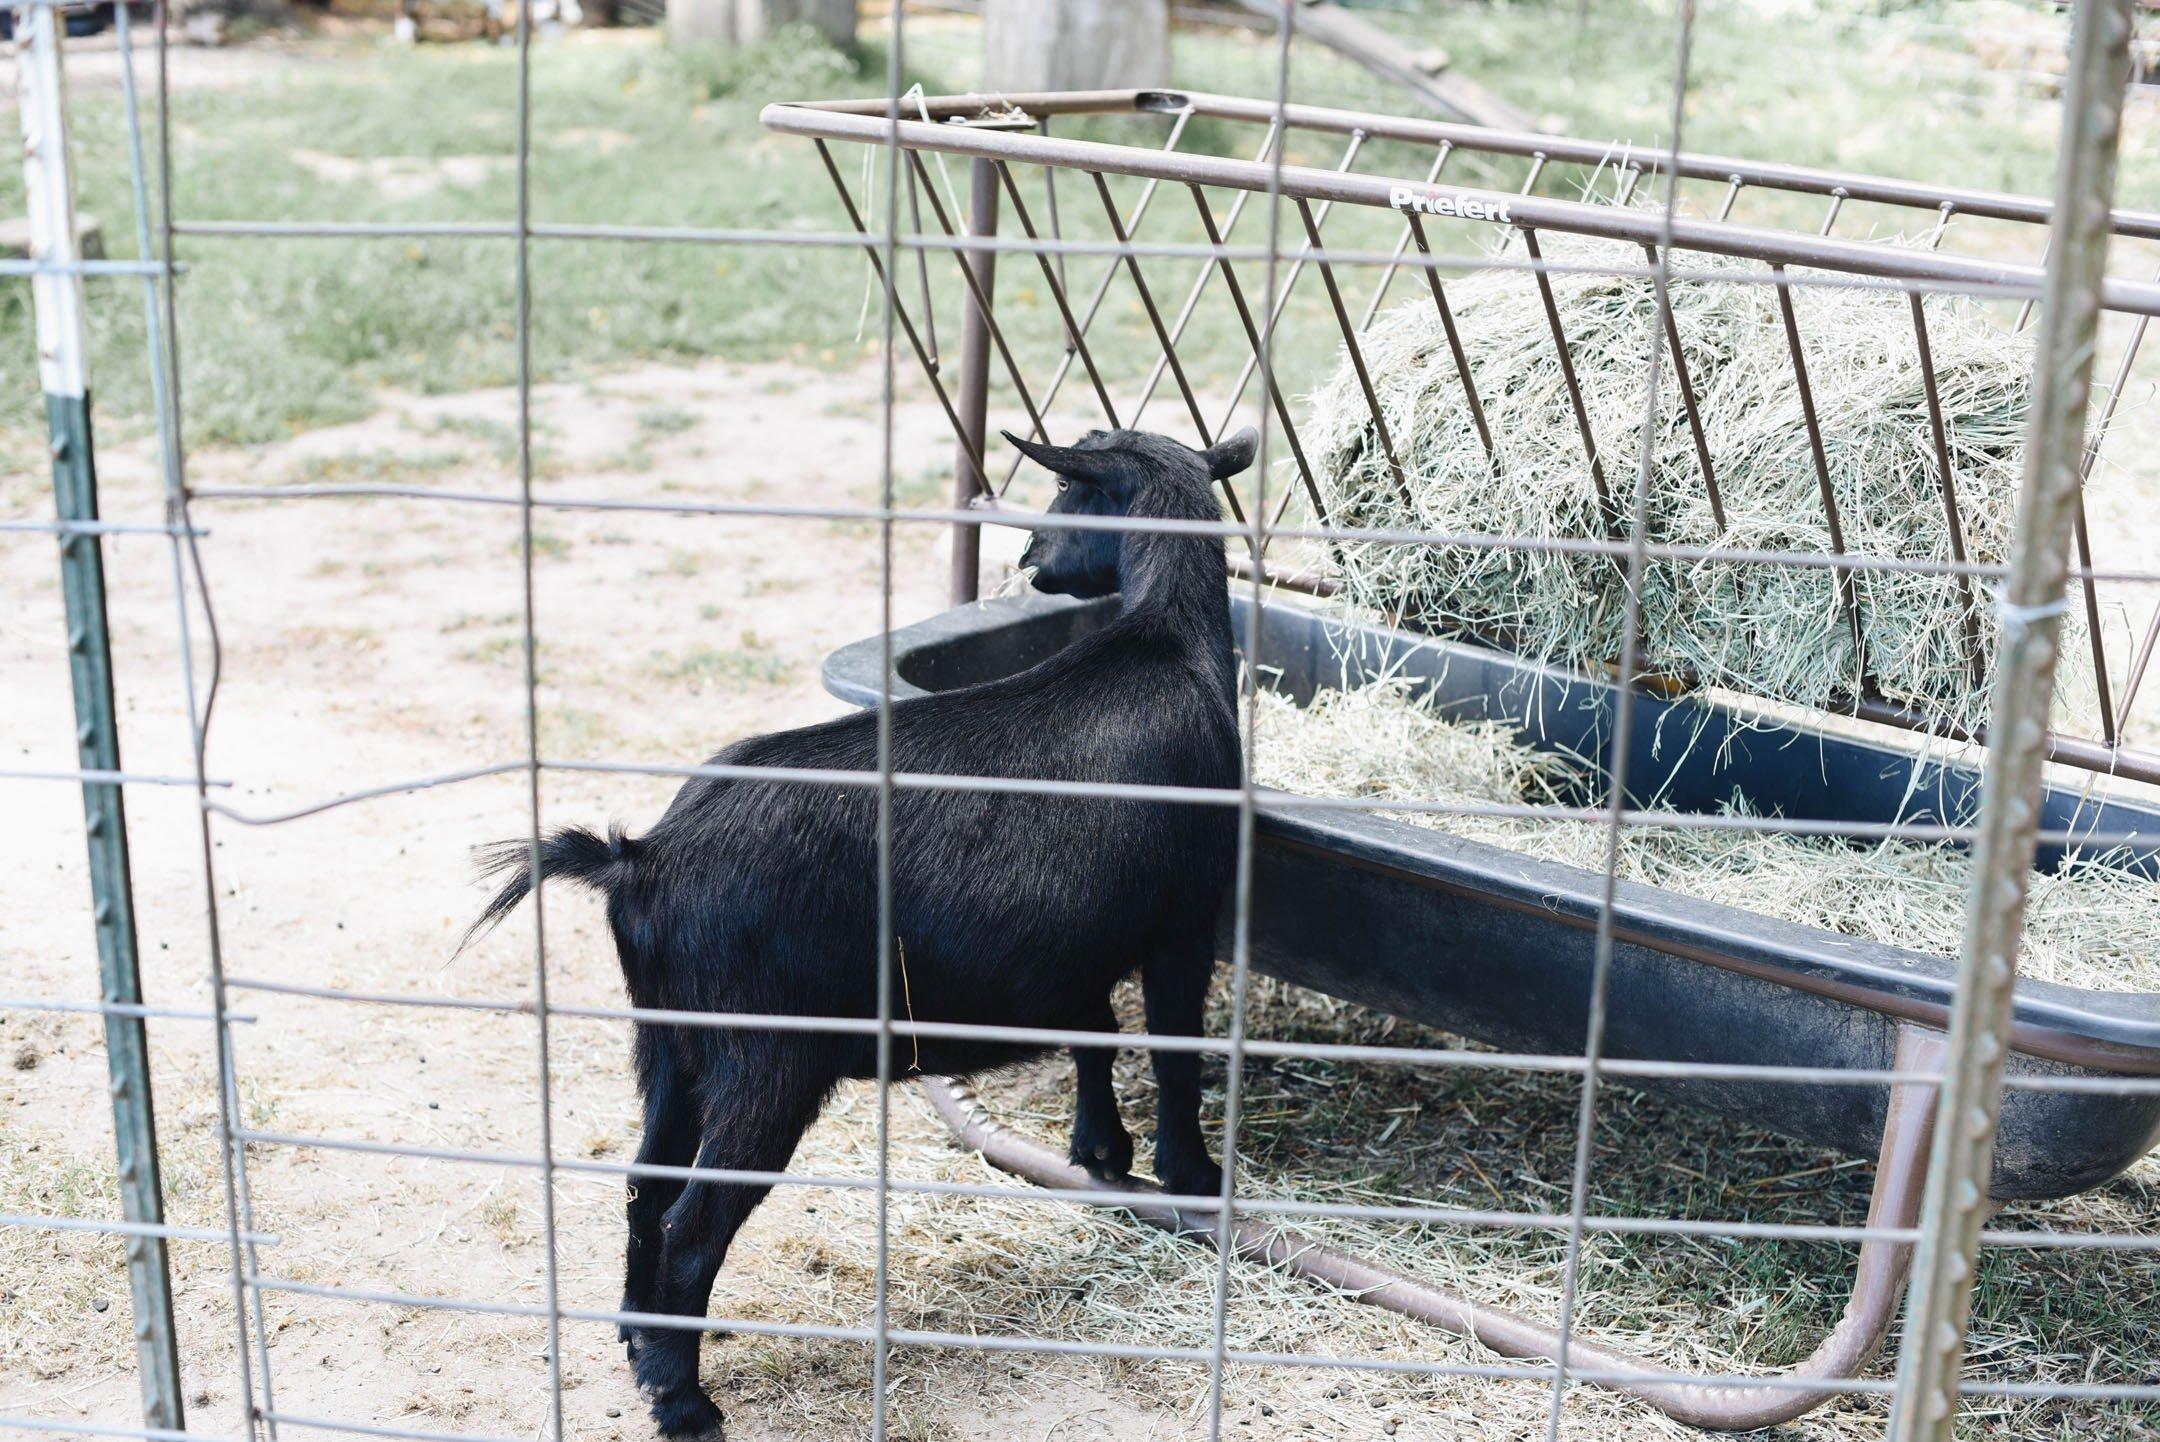 Goats at Fir Point Farms